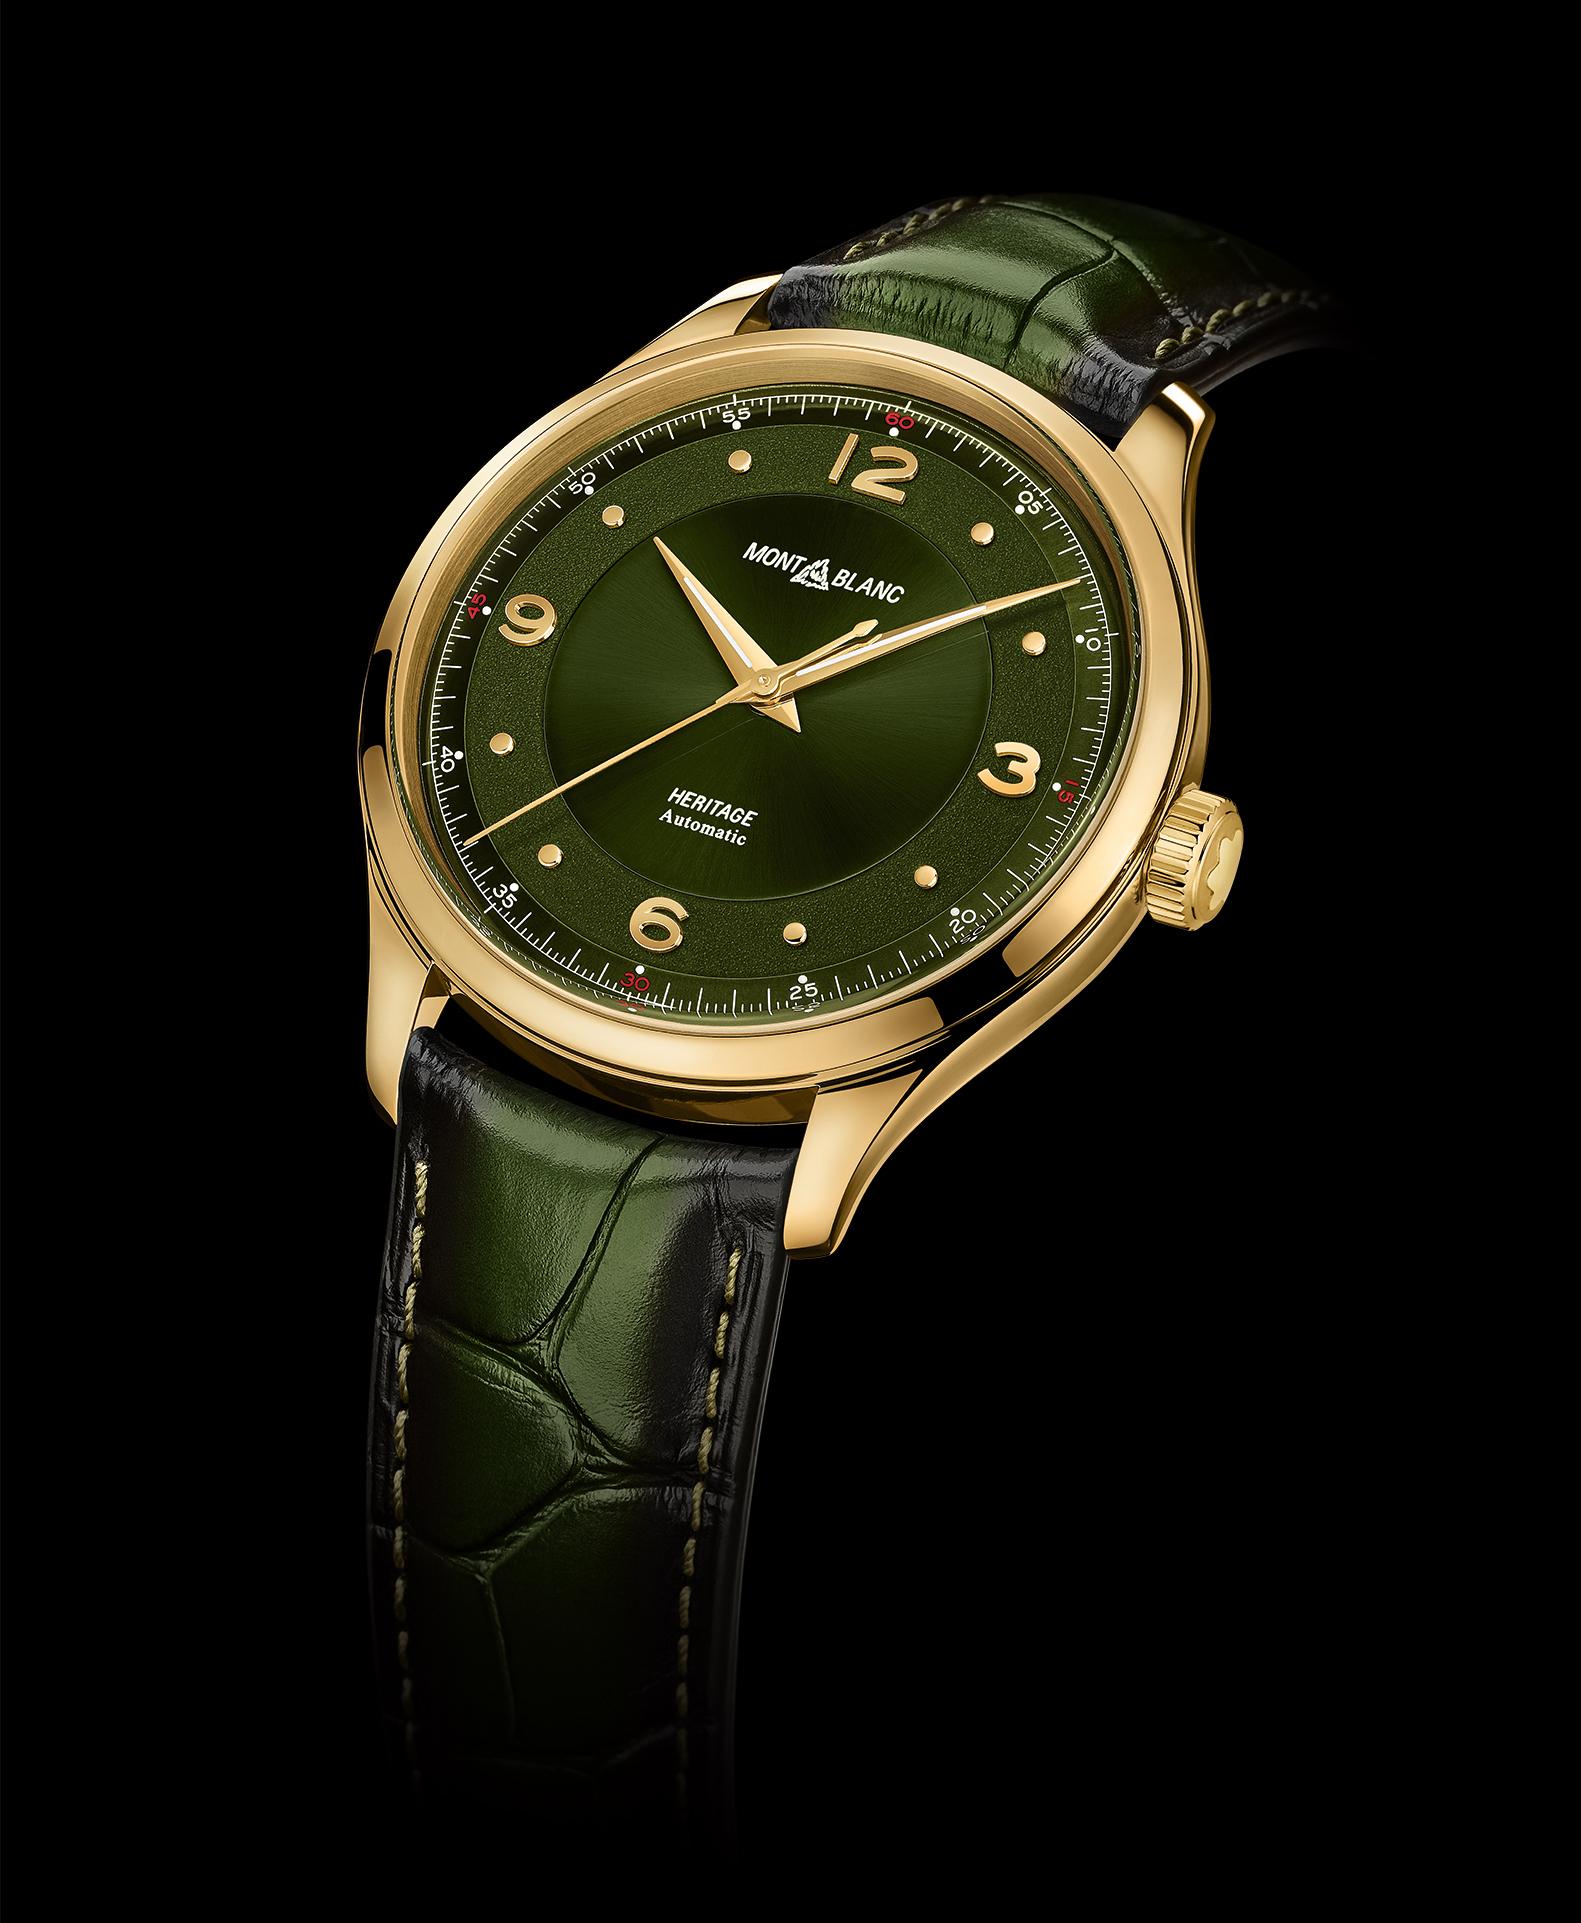 montblanc watches 2020